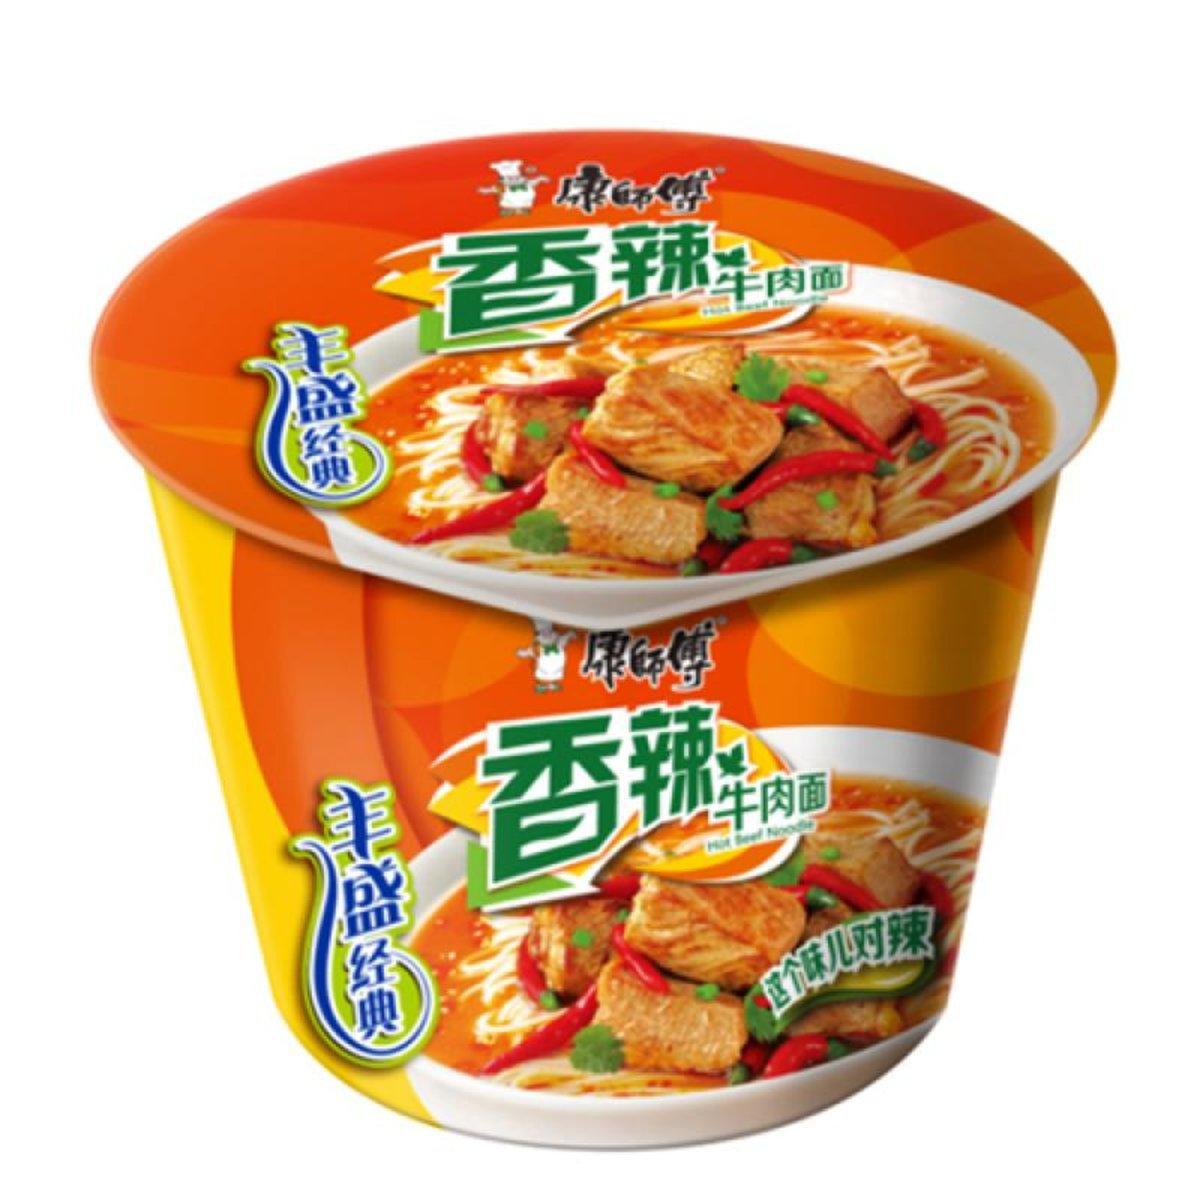 康師傅-香辣牛肉麵杯麵(108g*2杯)